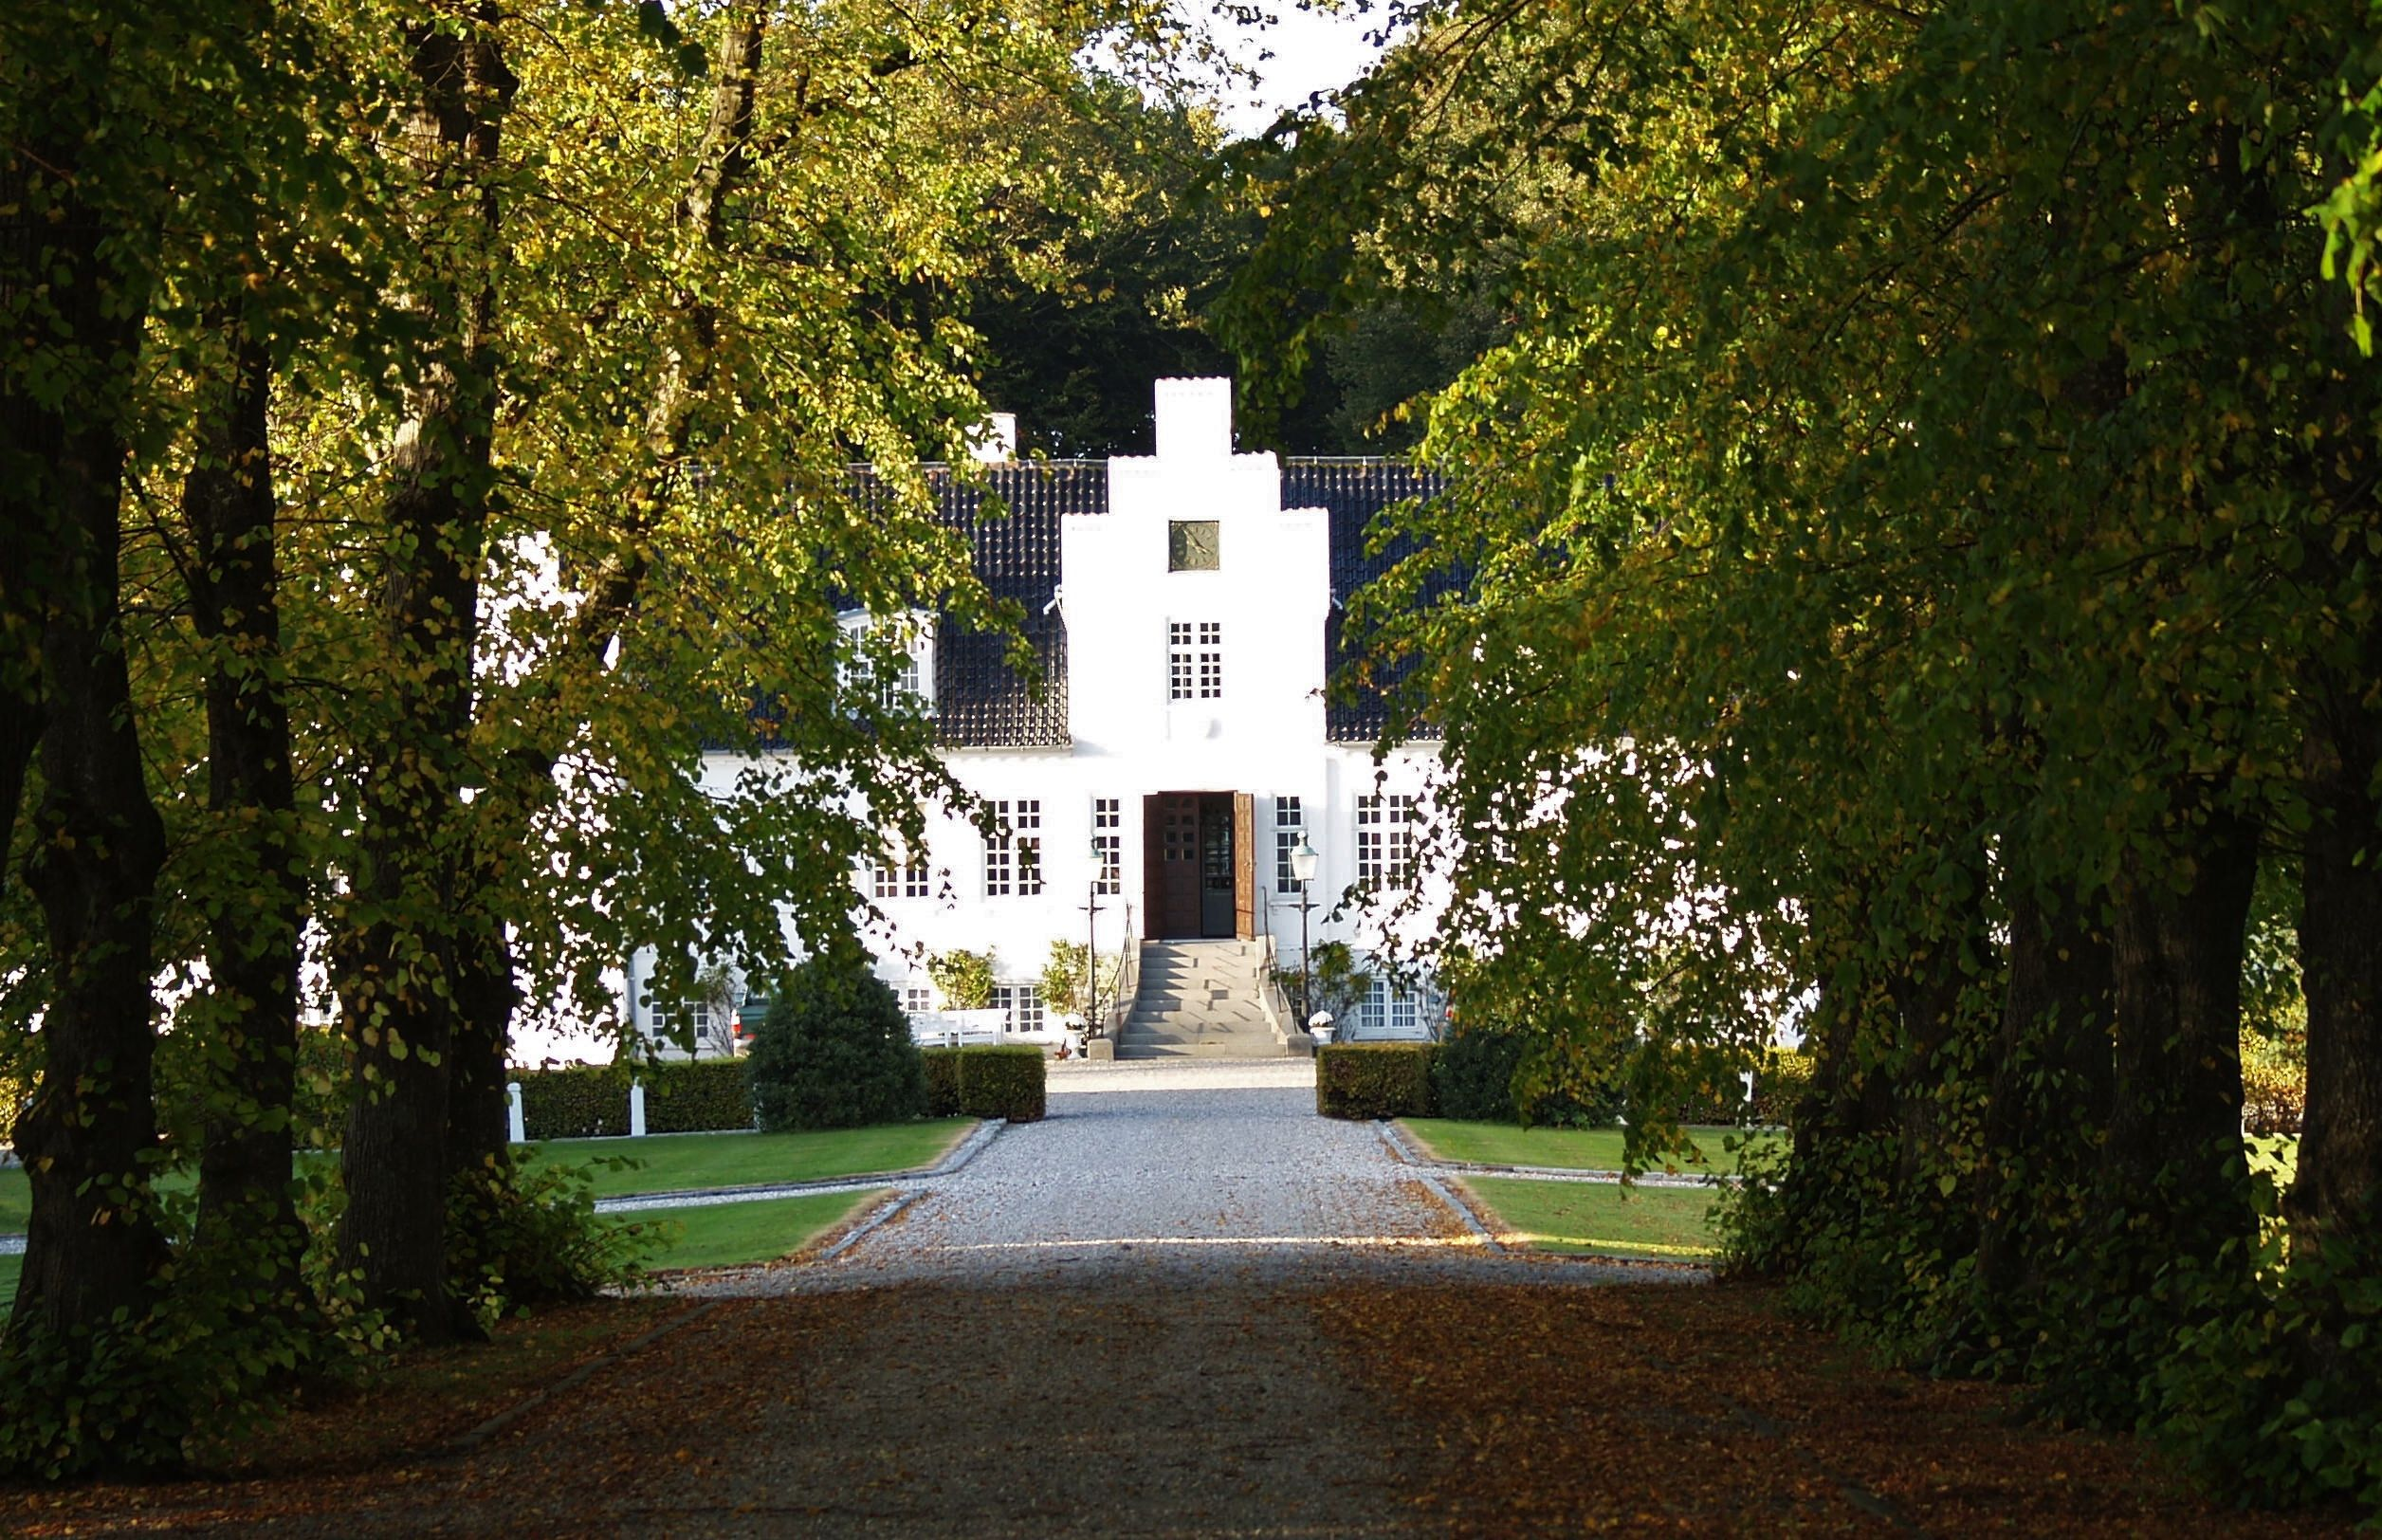 Svinningegaard Manorhouse, Denmark